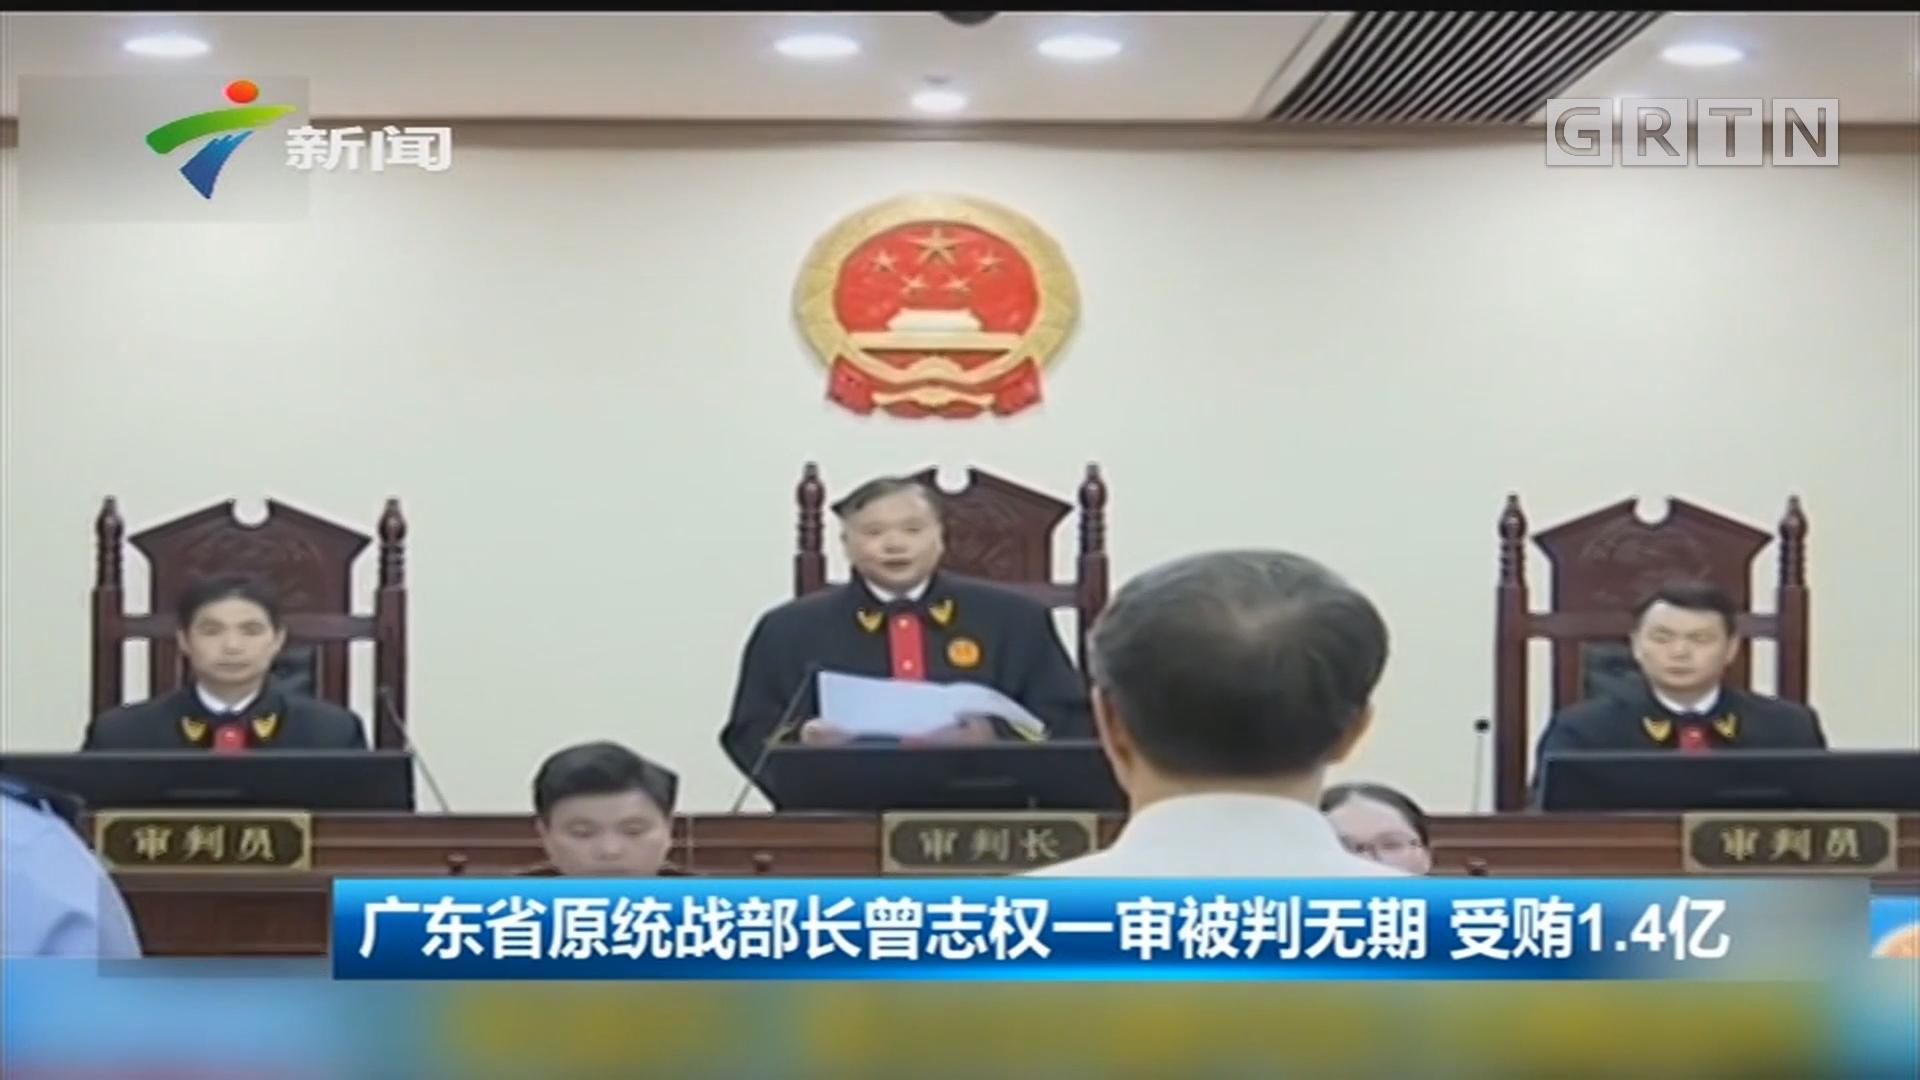 广东省原统战部长曾志权一审被判无期 受贿1.4亿